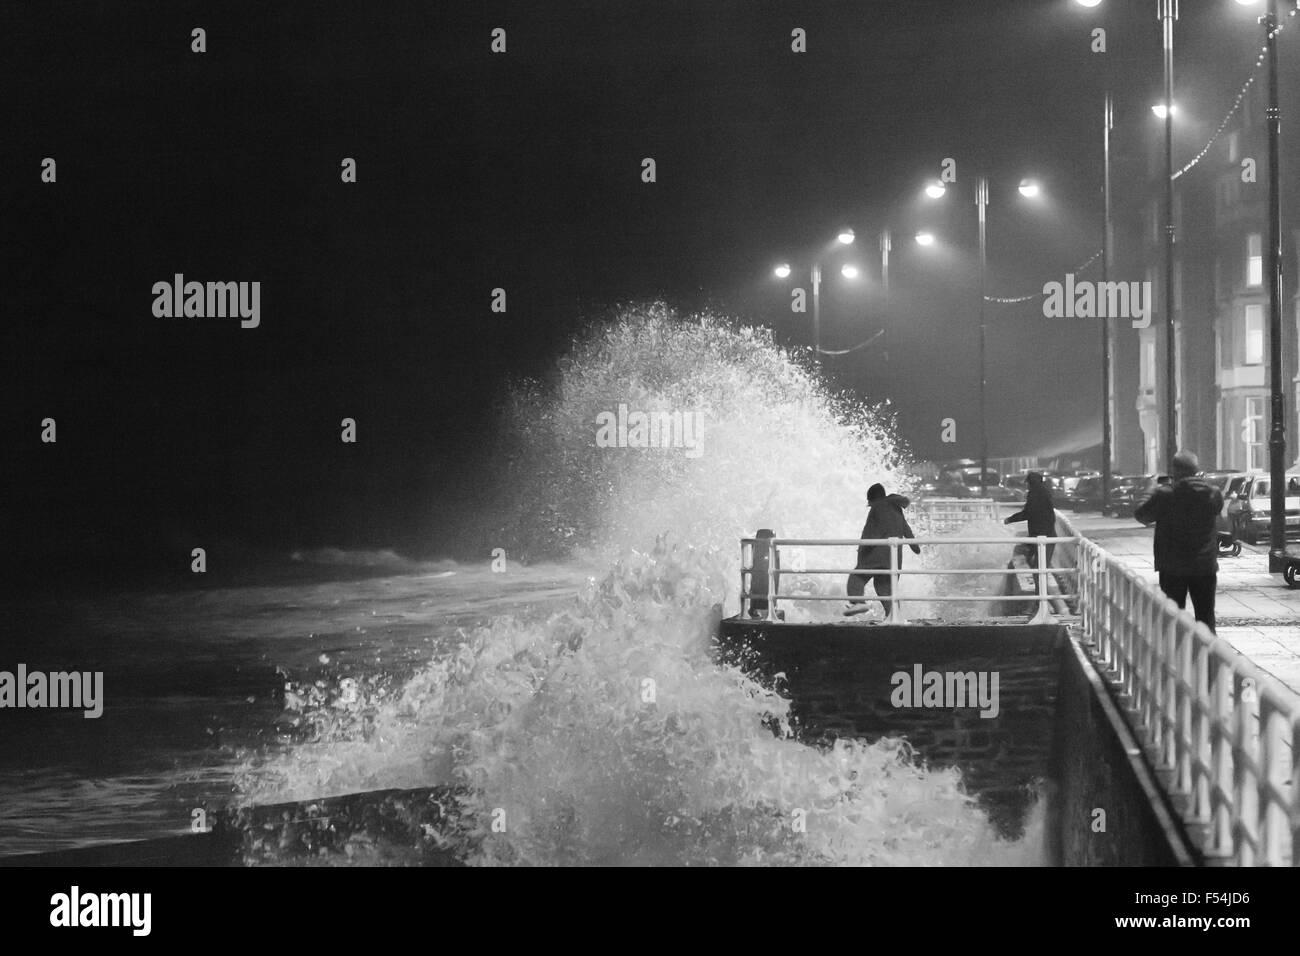 Aberystwyth, Gales, Reino Unido. El 27 de octubre, 2015. Los adolescentes toman riesgos como las olas en la marea Imagen De Stock